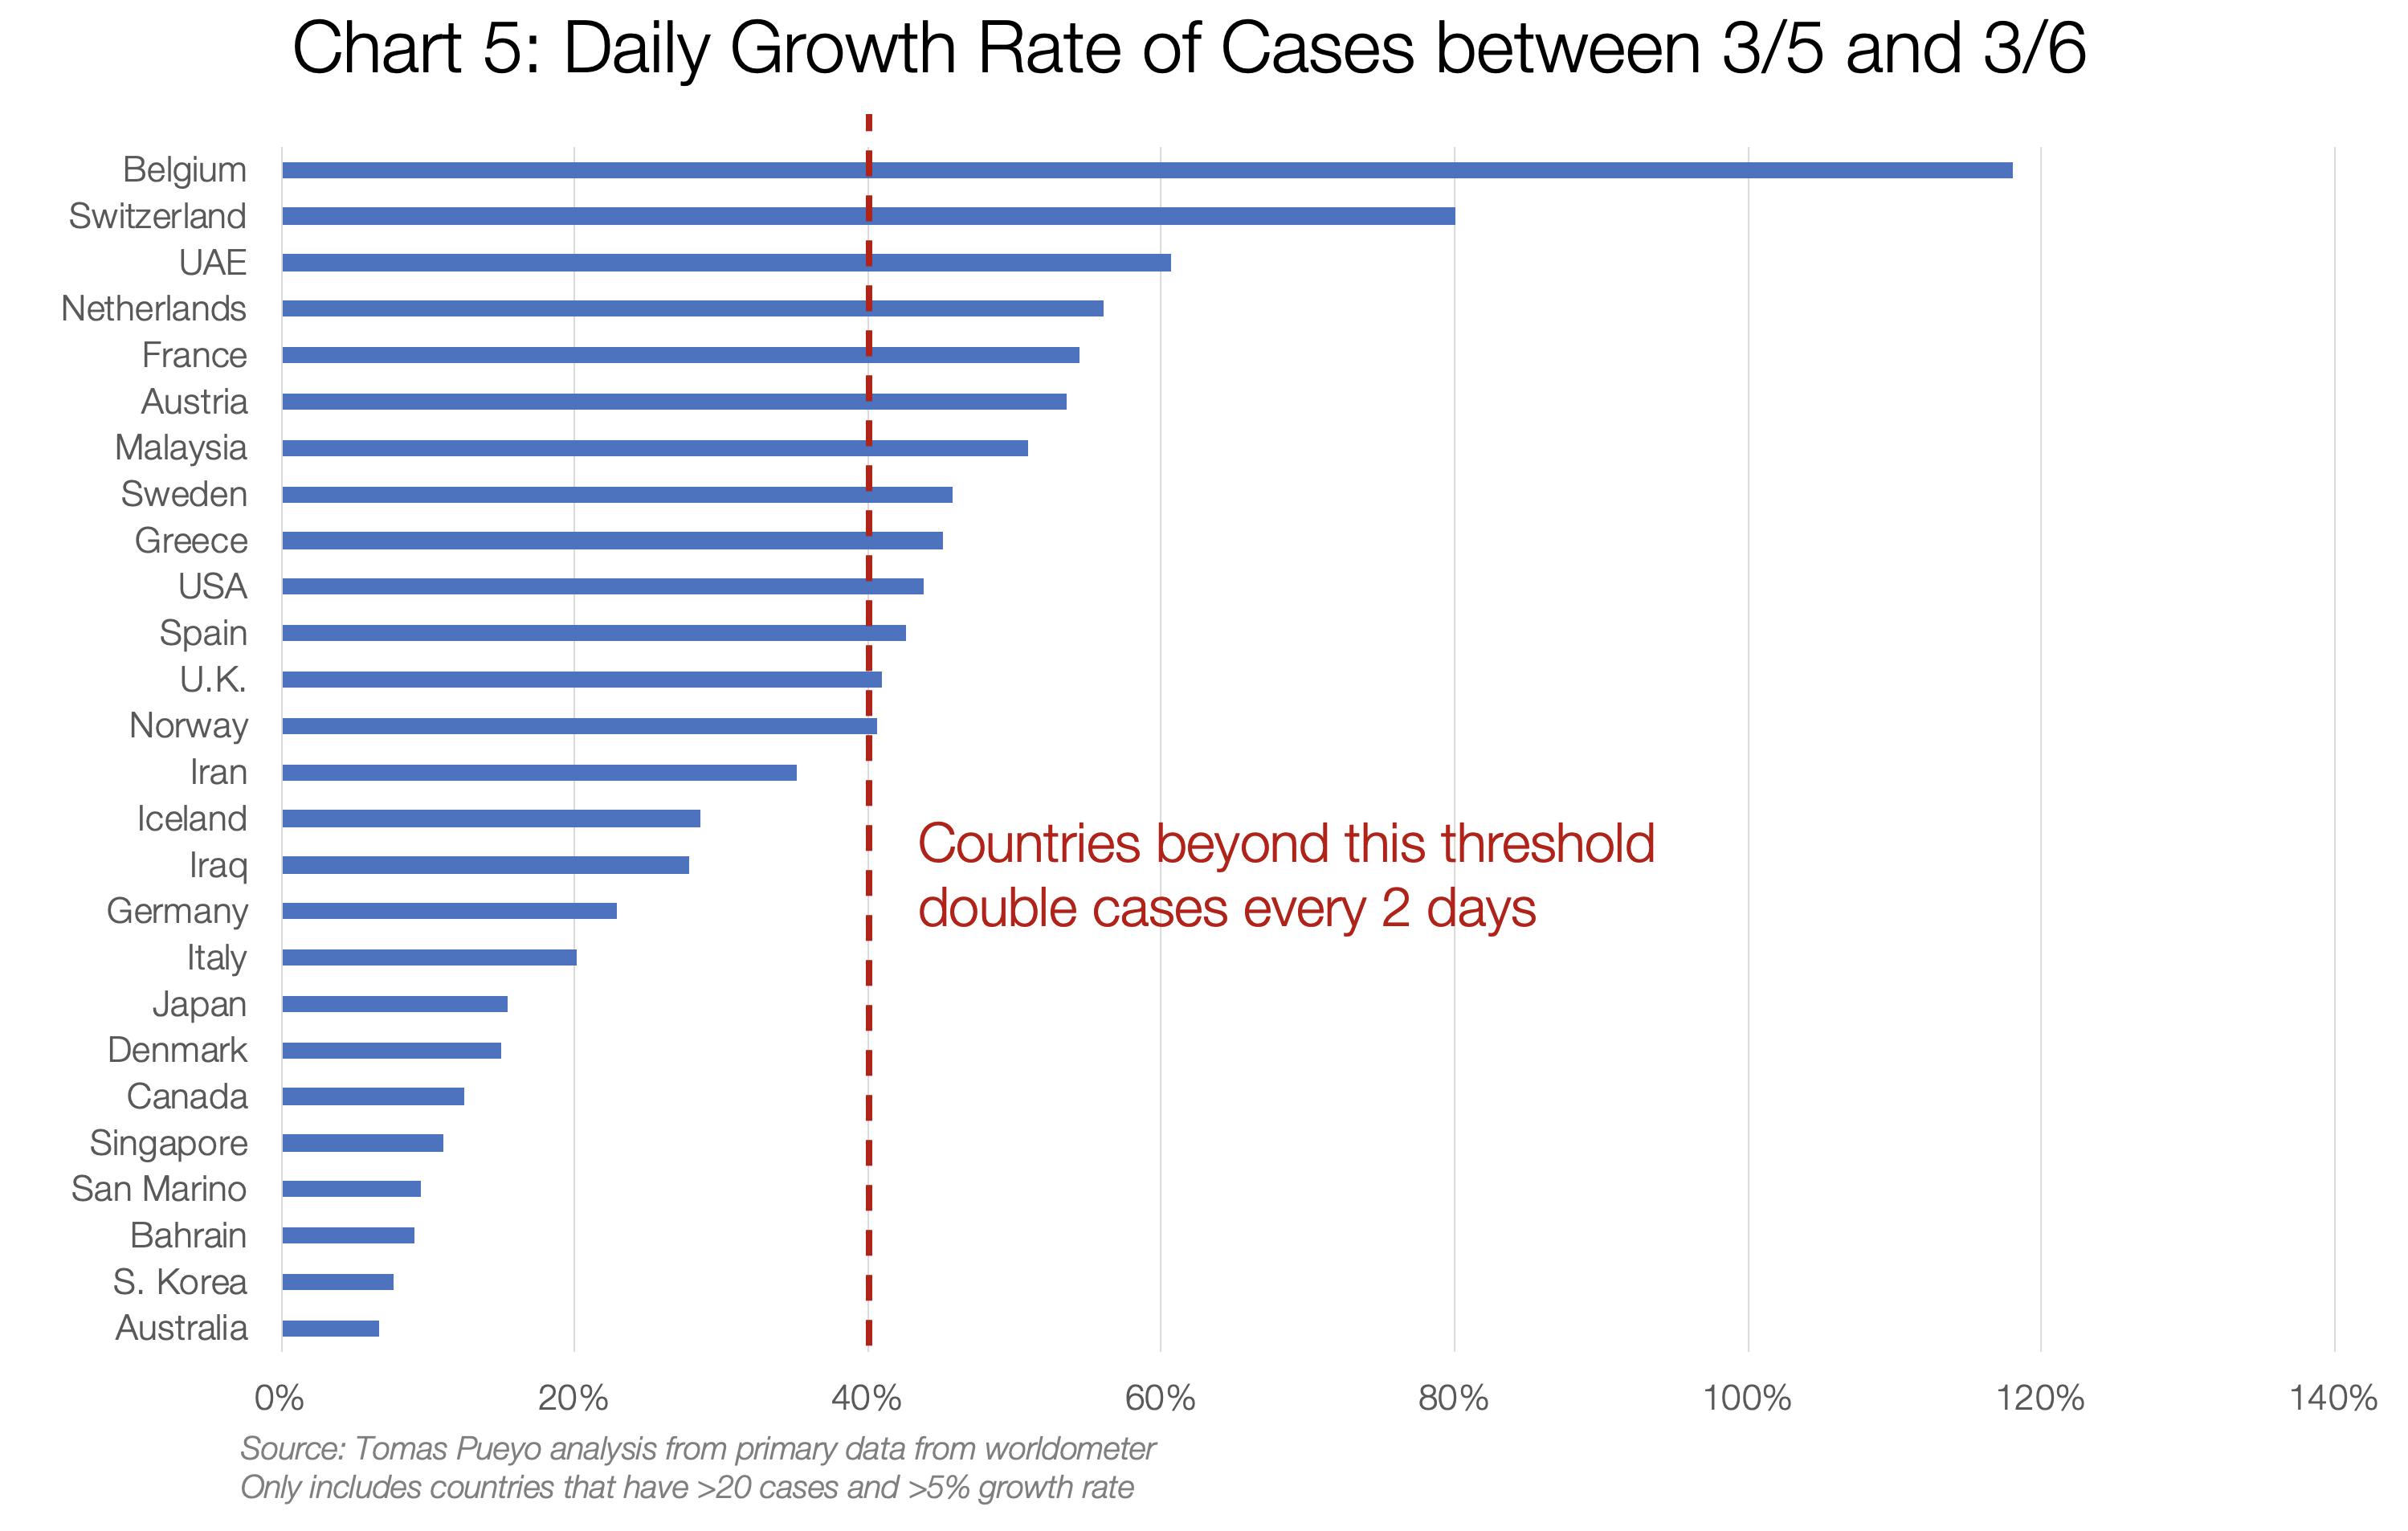 نرخ رشد روزانه موارد مبتلا در کشورهای مختلف بین ۱۳ و ۱۴ اسفند. تعداد موارد مبتلا به ویروس کرونا در کشورهایی که نرخشان از خط قرمز بیشتر است در هر دو روز، دو برابر میشود.